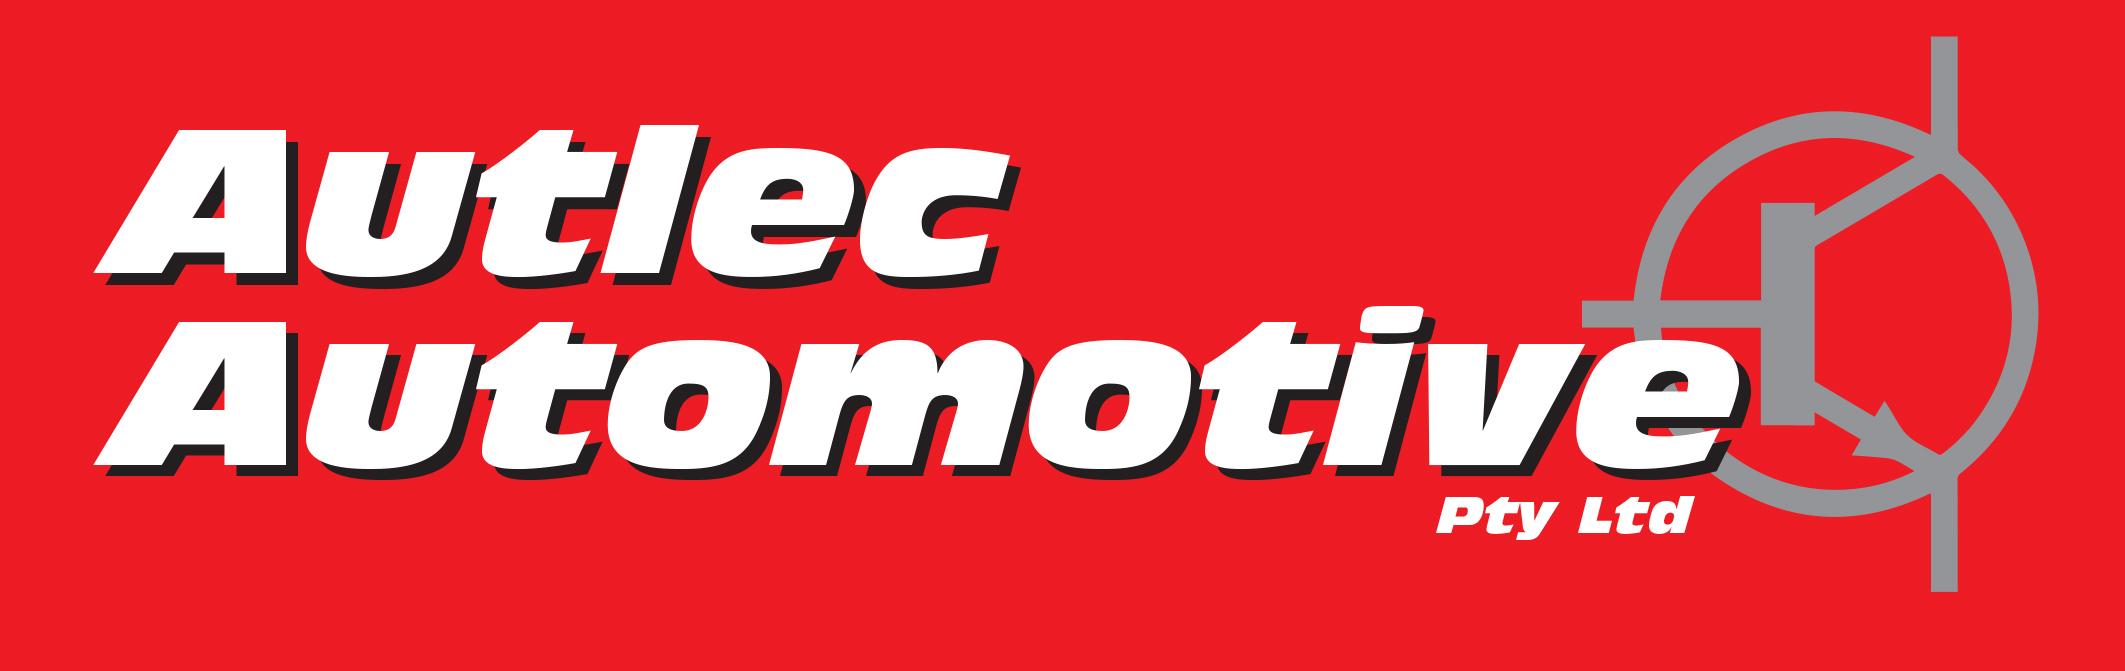 Autlec Automotive